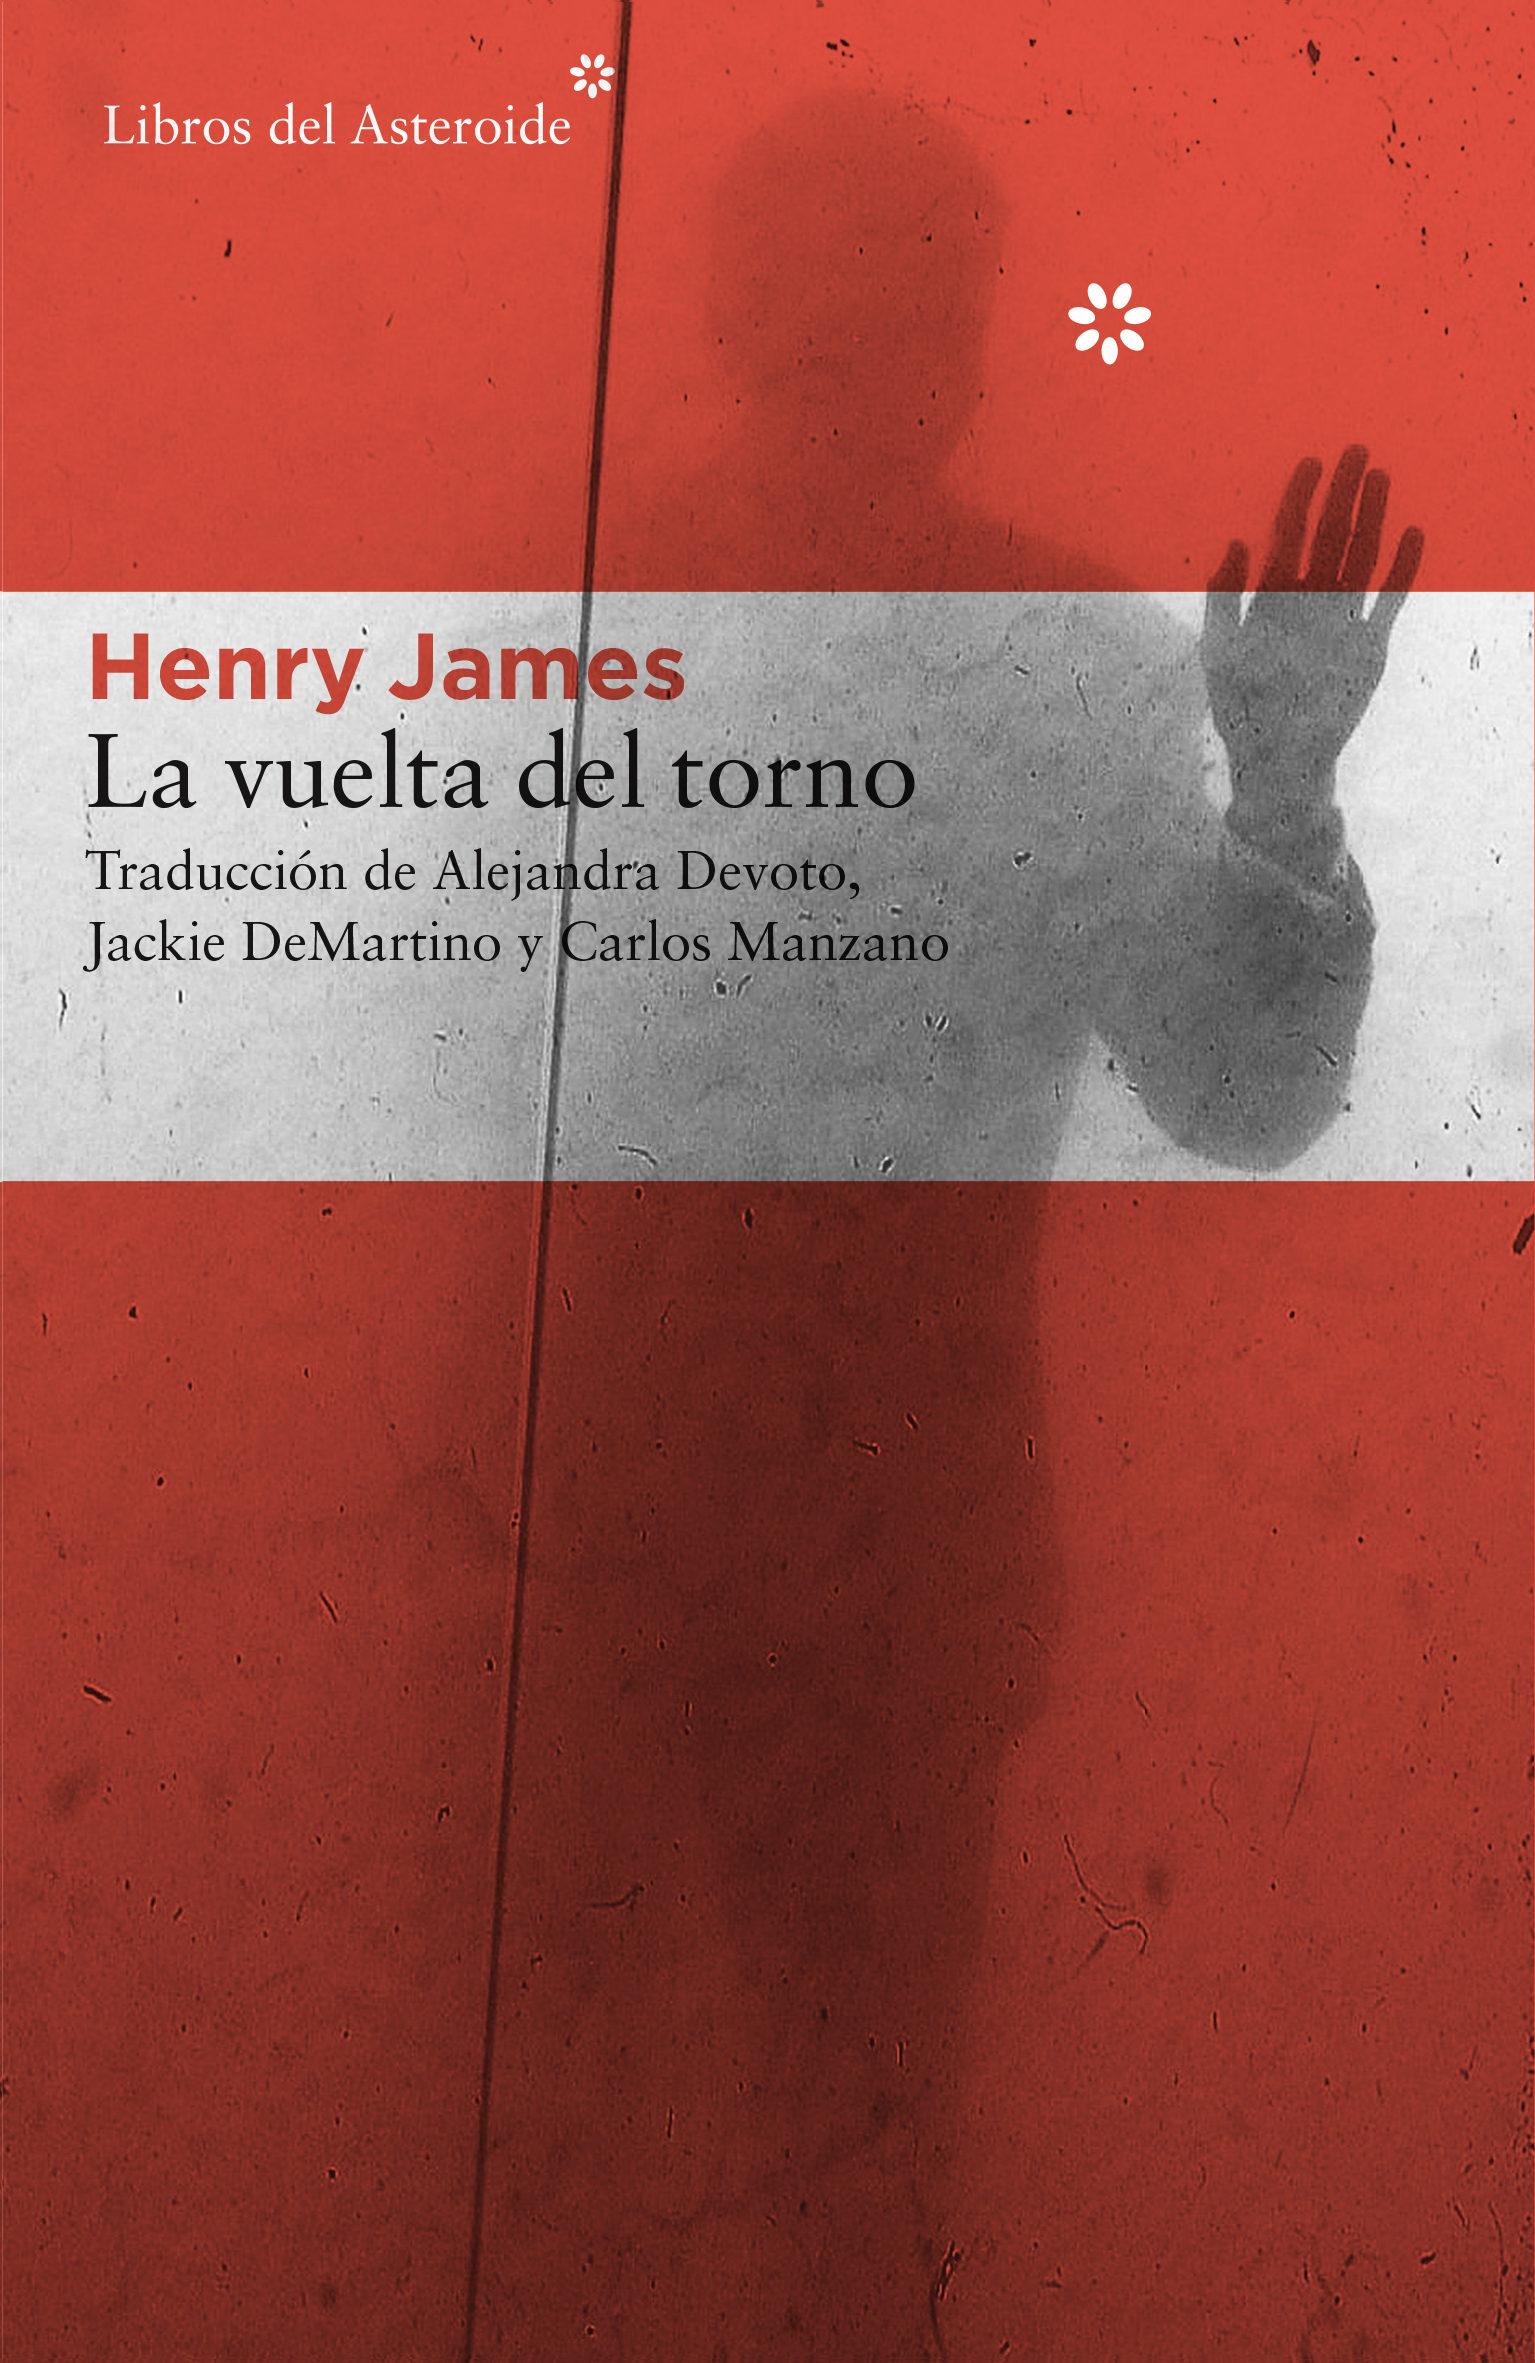 la vuelta del torno-henry james-9788415625780